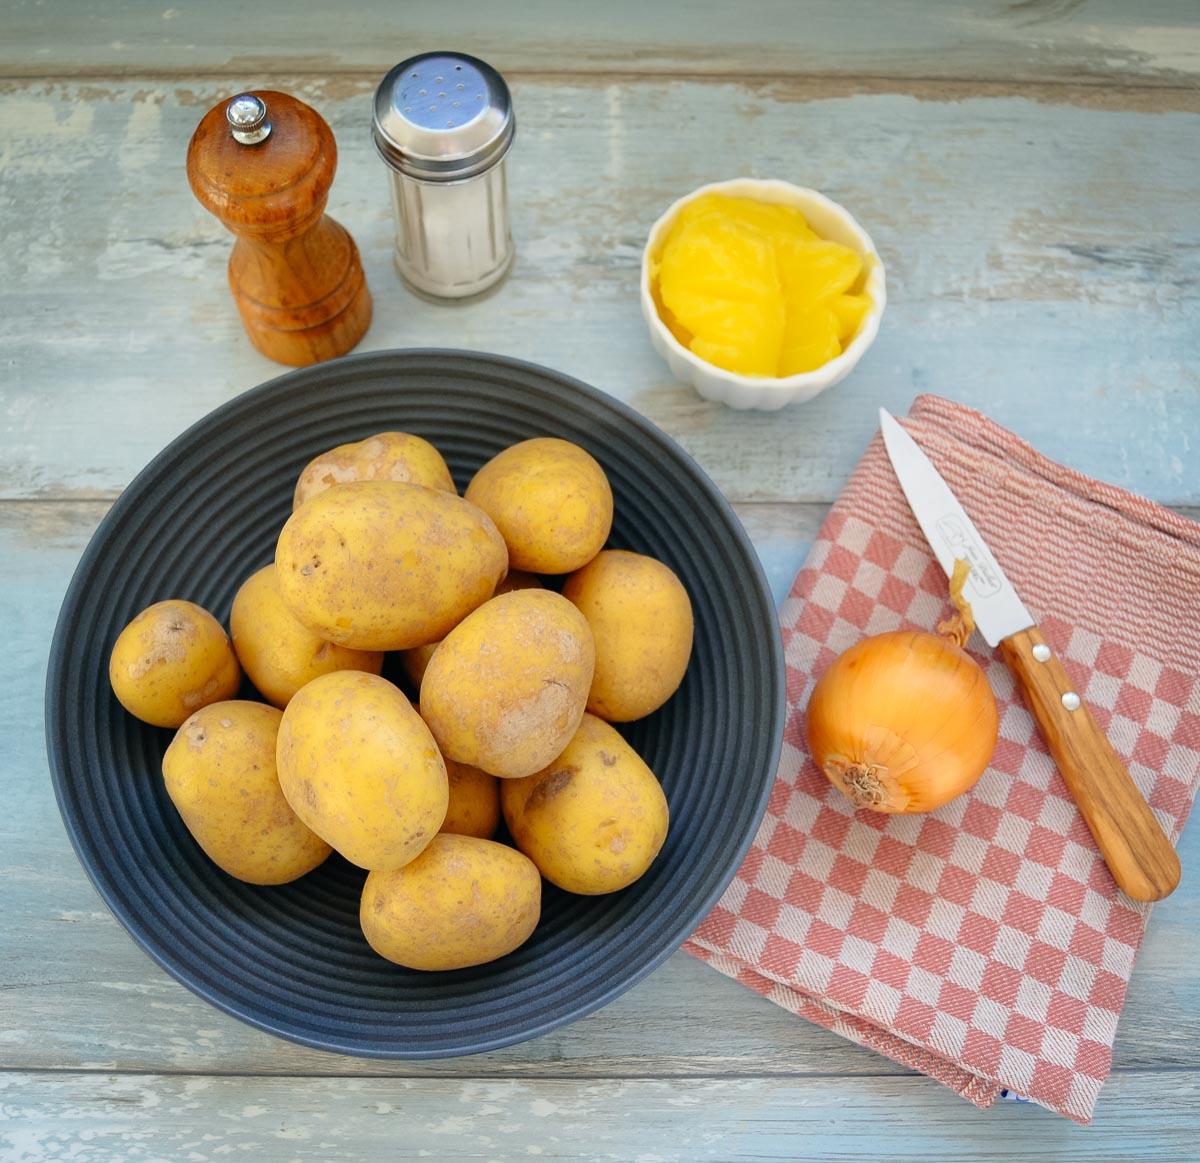 Kartoffel, Zwiebel, Butterschmalz Salz und Pfeffer